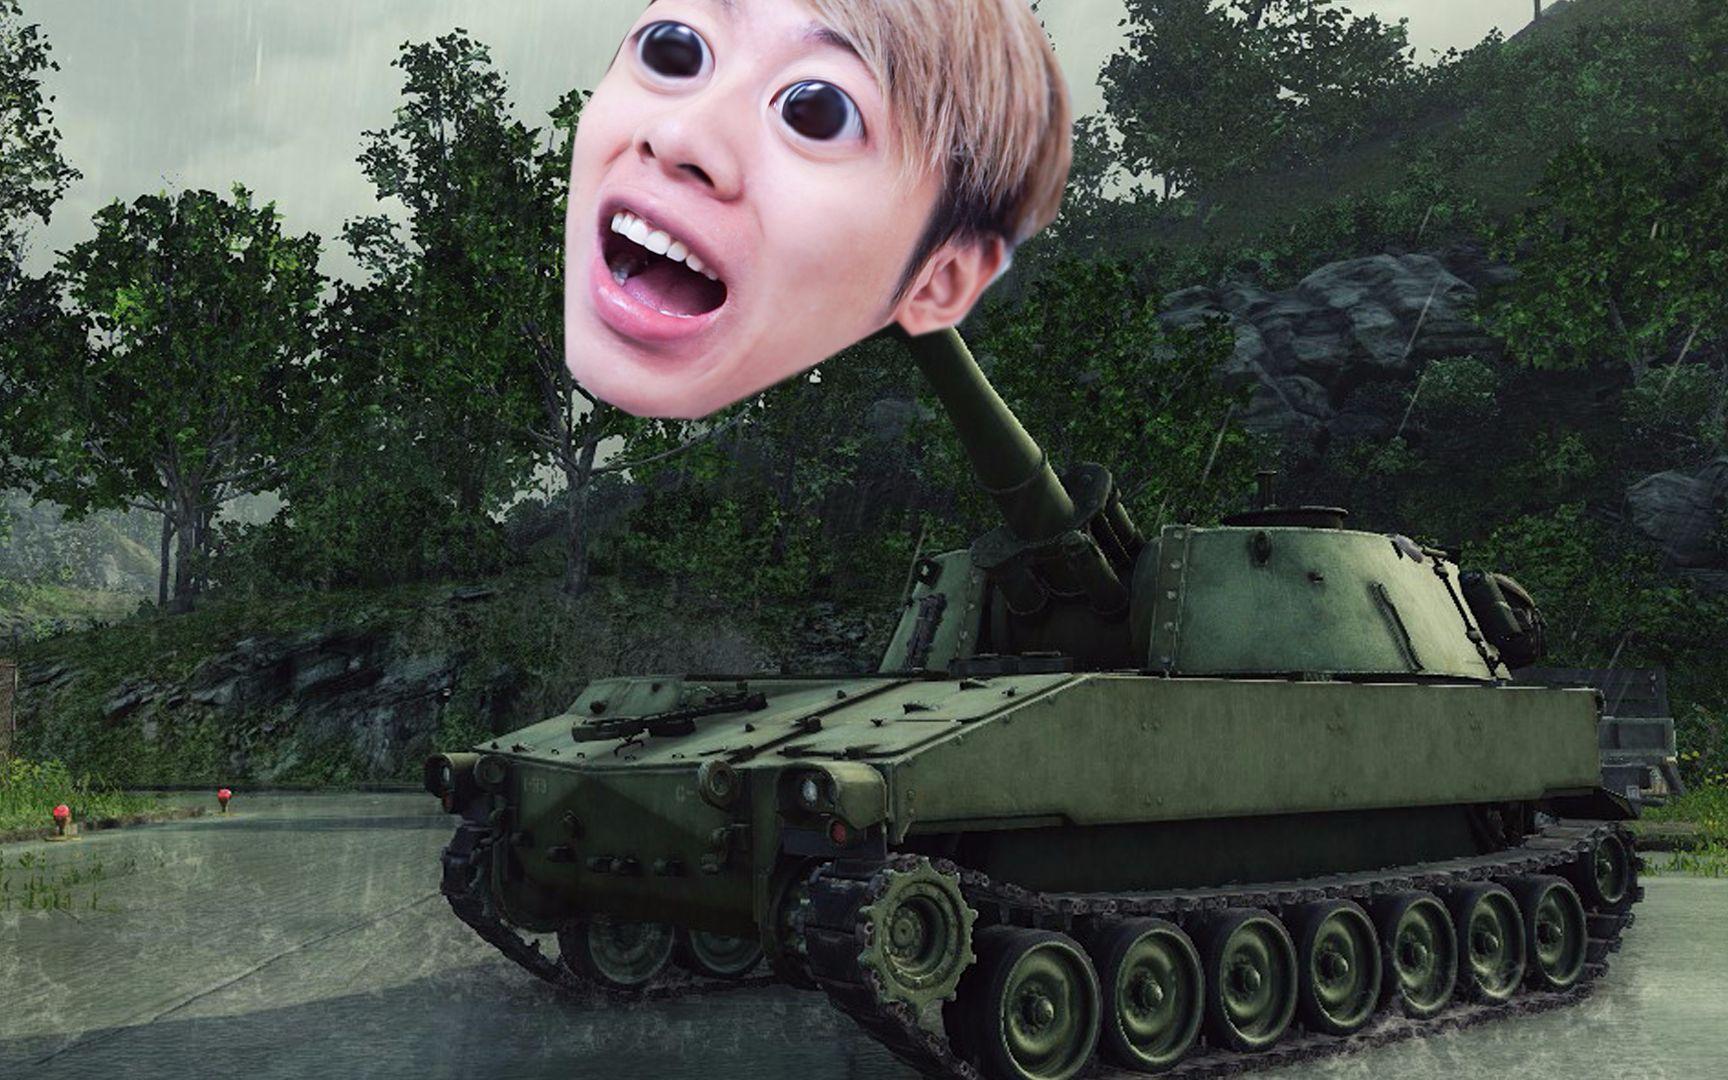 装甲战争丨炮炮都是跳蛋_网络游戏_游戏_bilibili_哔哩哔哩